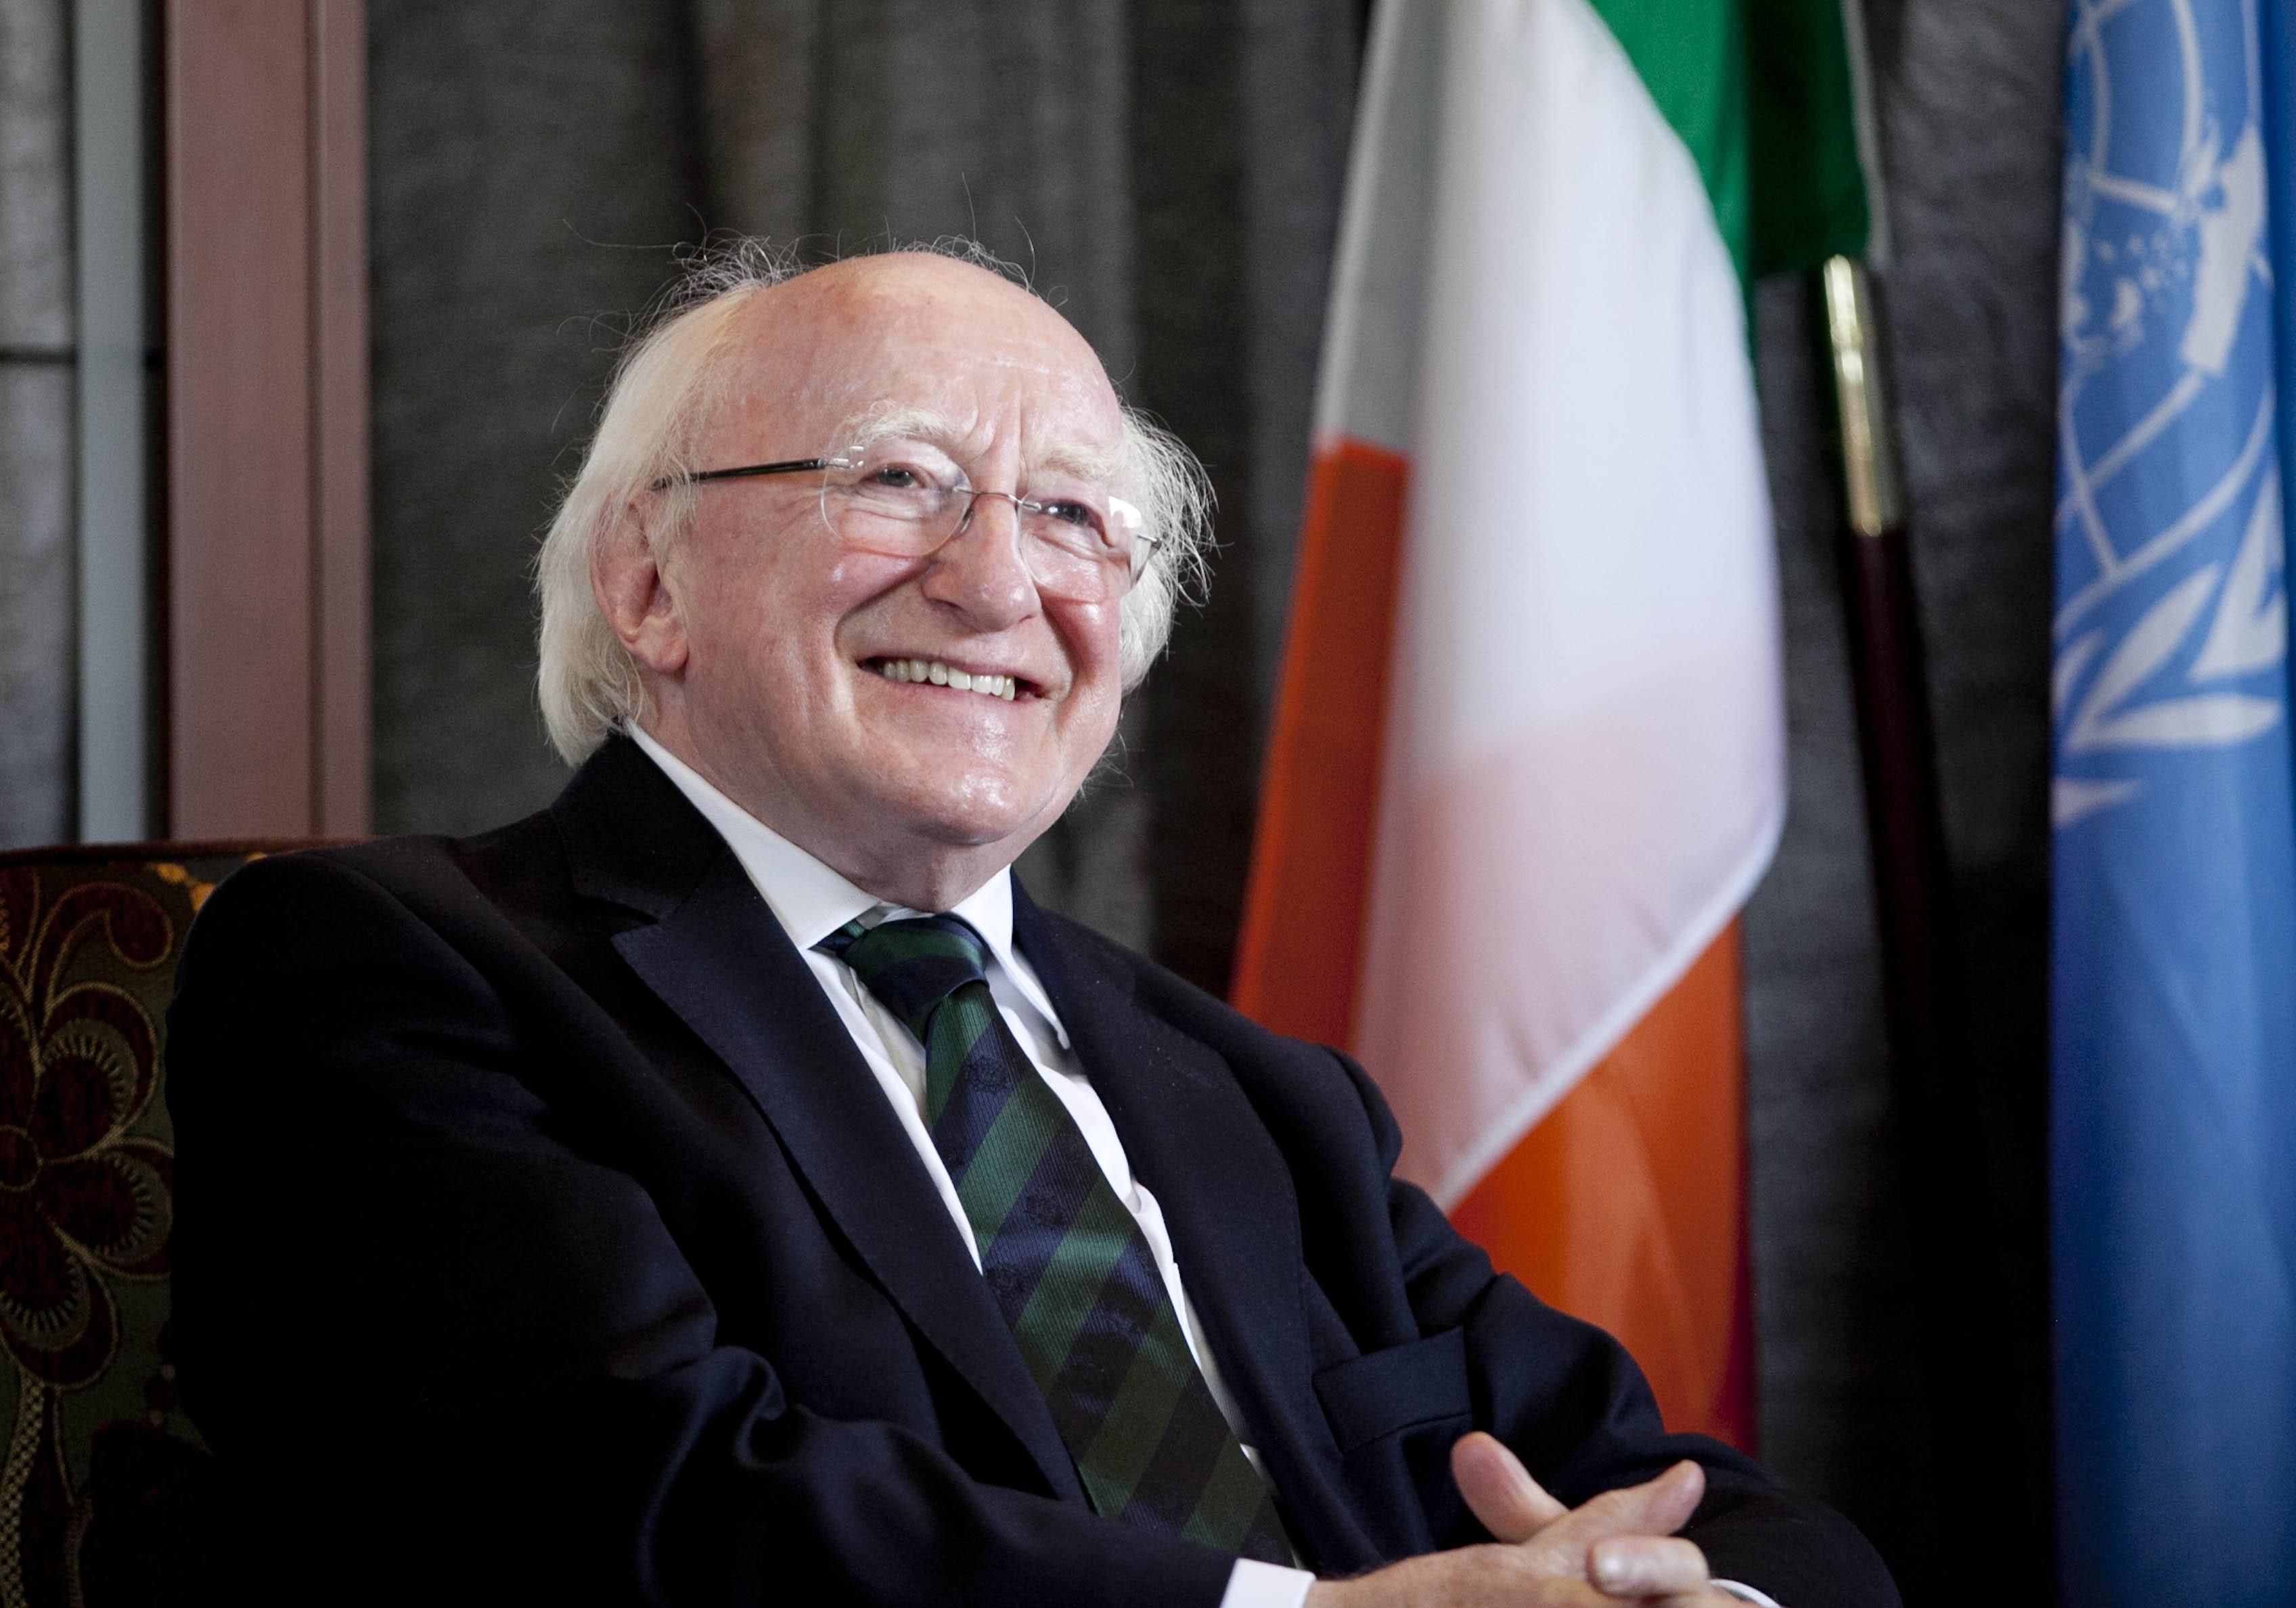 giovane sito di incontri Irlanda bandiere rosse di lovefraud 10 segni che stai uscendo con un sociopatico